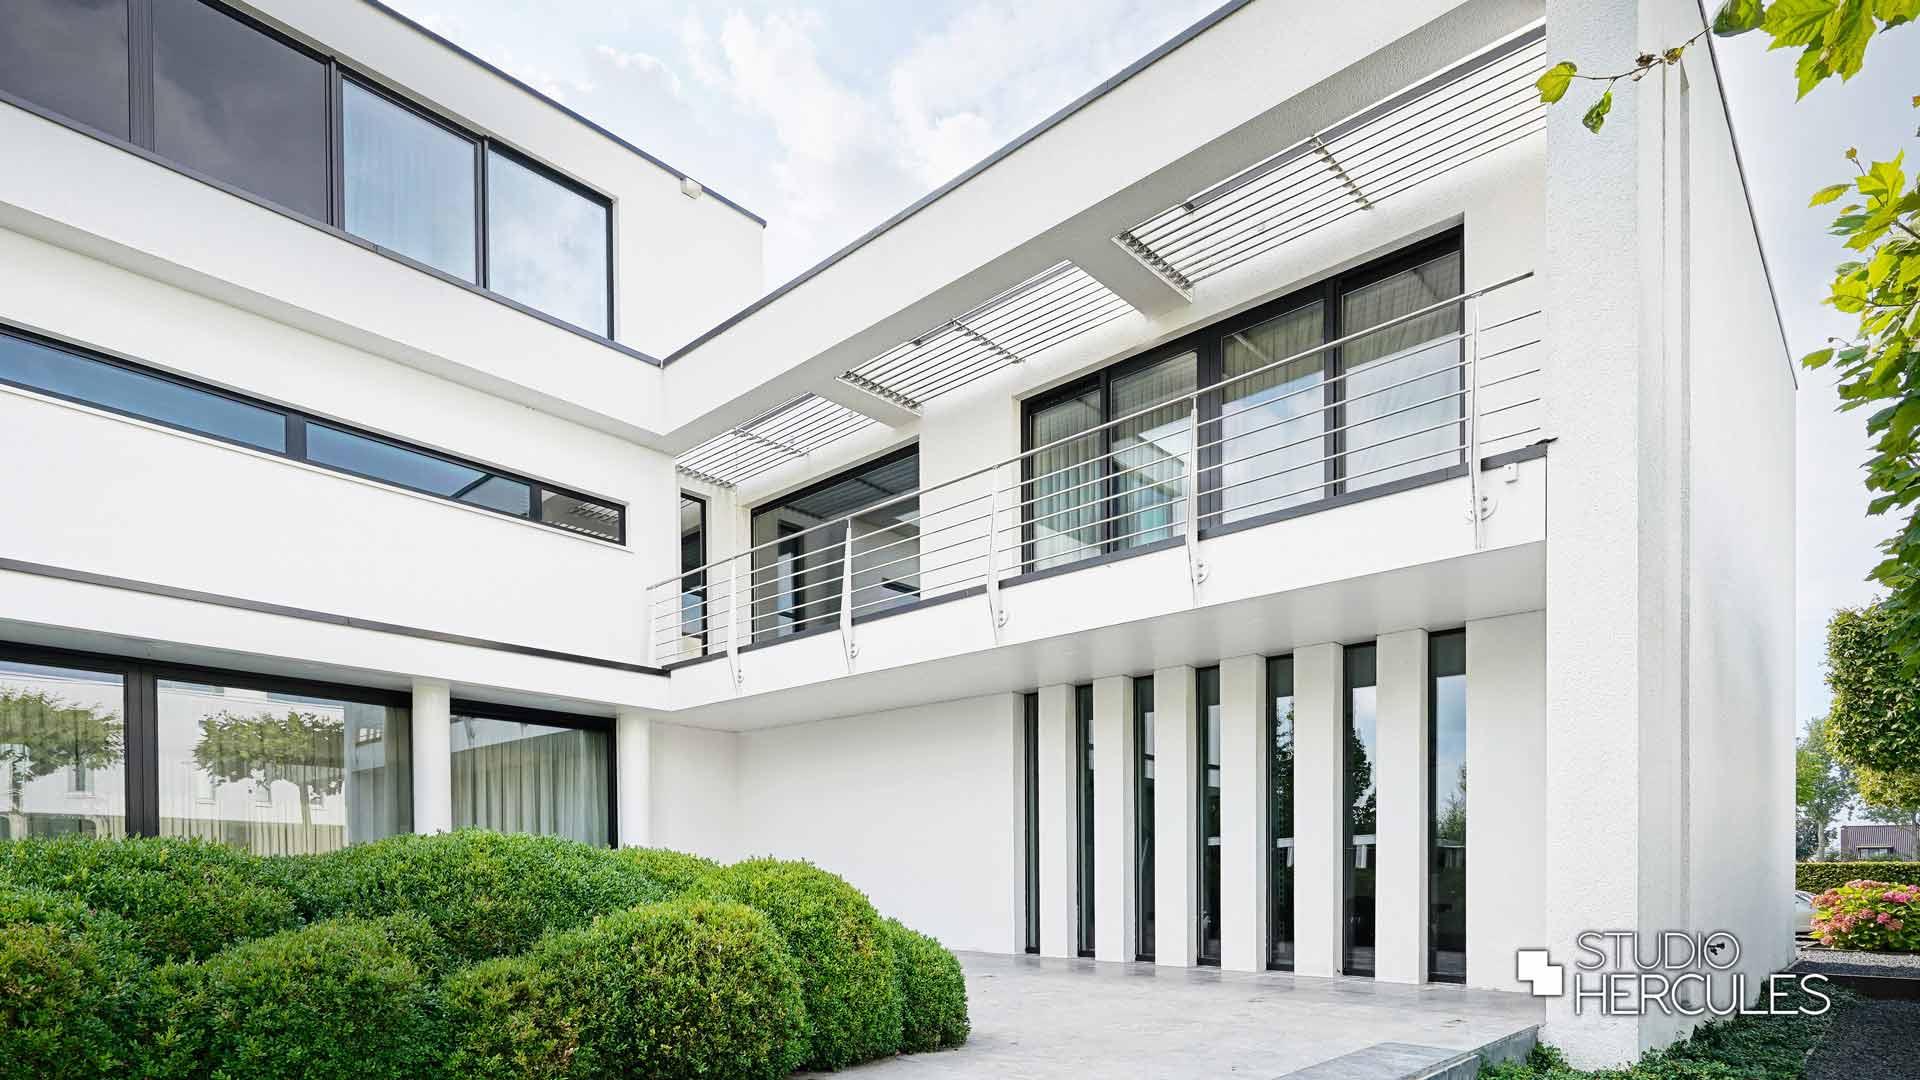 Binnentuin aan slaapkamer strake modernistische villa